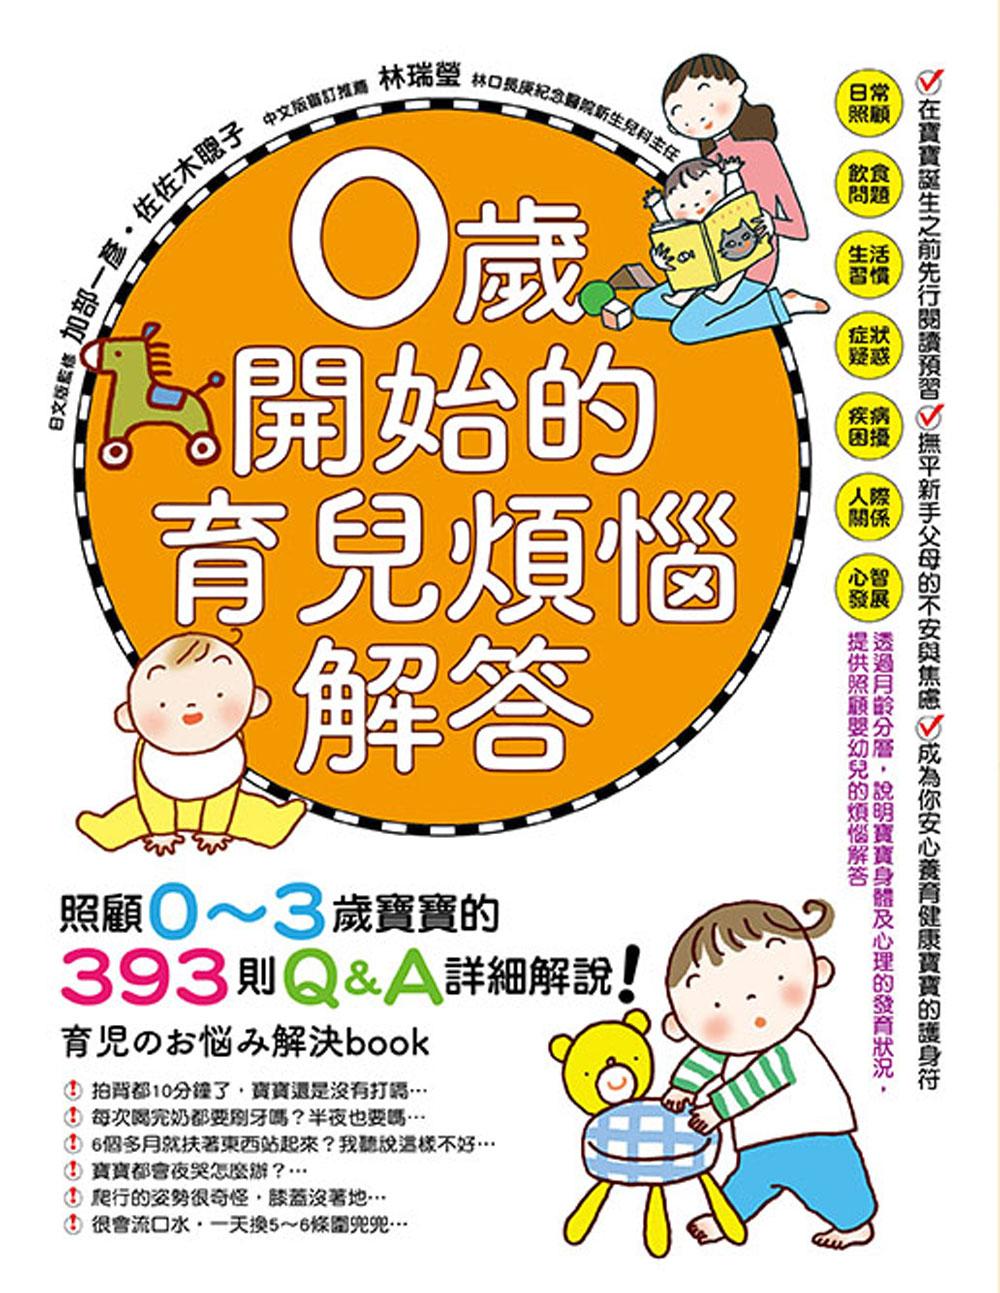 ◤博客來BOOKS◢ 暢銷書榜《推薦》0歲開始的育兒煩惱解答:照顧0~3歲寶寶的393則Q&A;詳細解說!